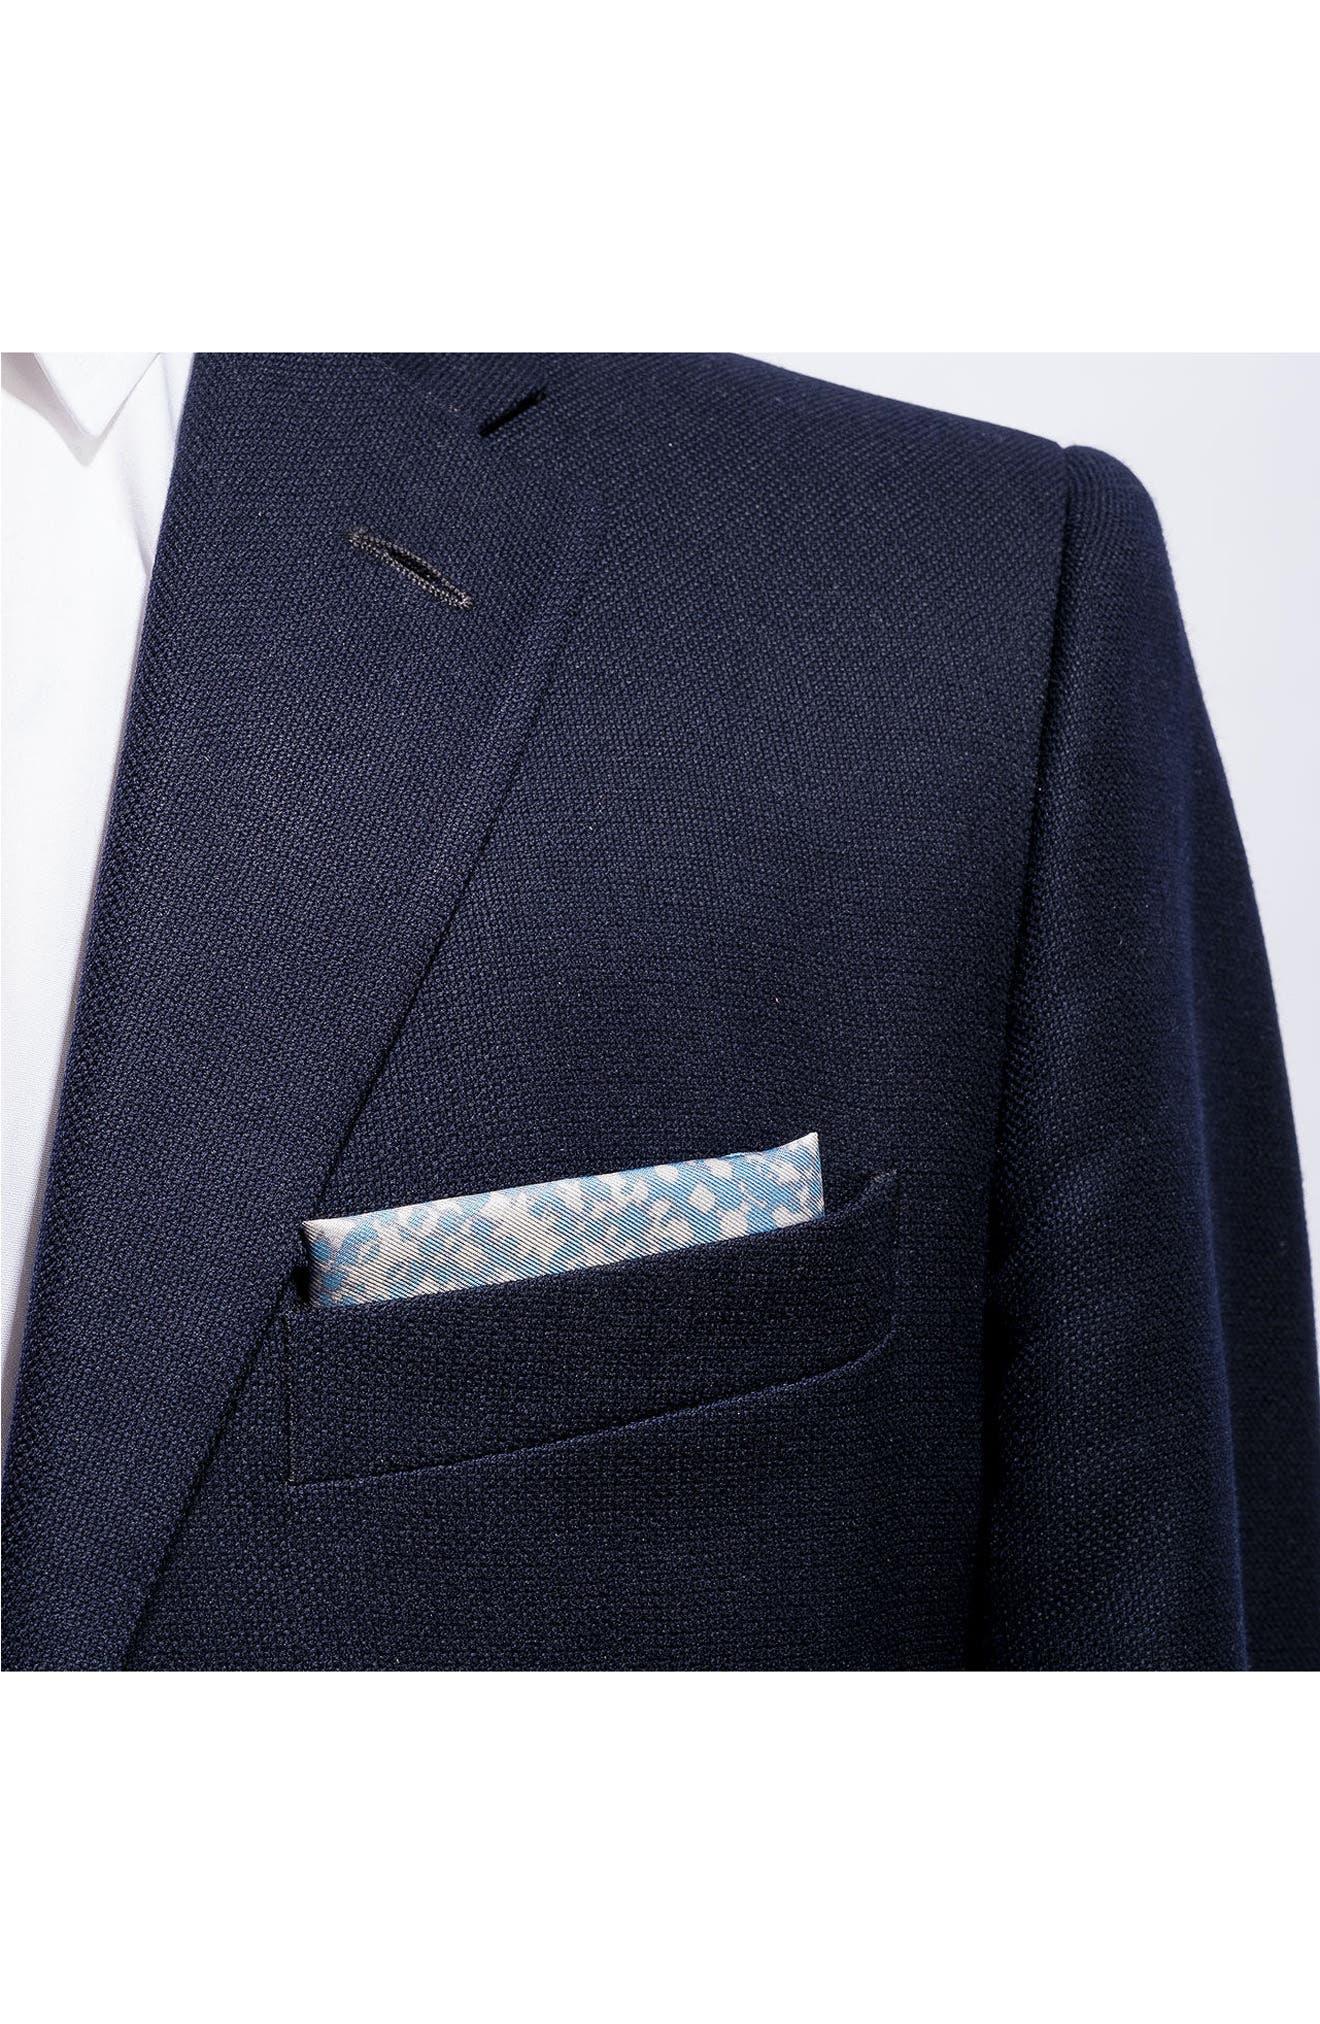 Batik Patterned Silk Pocket Square,                             Alternate thumbnail 3, color,                             Blue